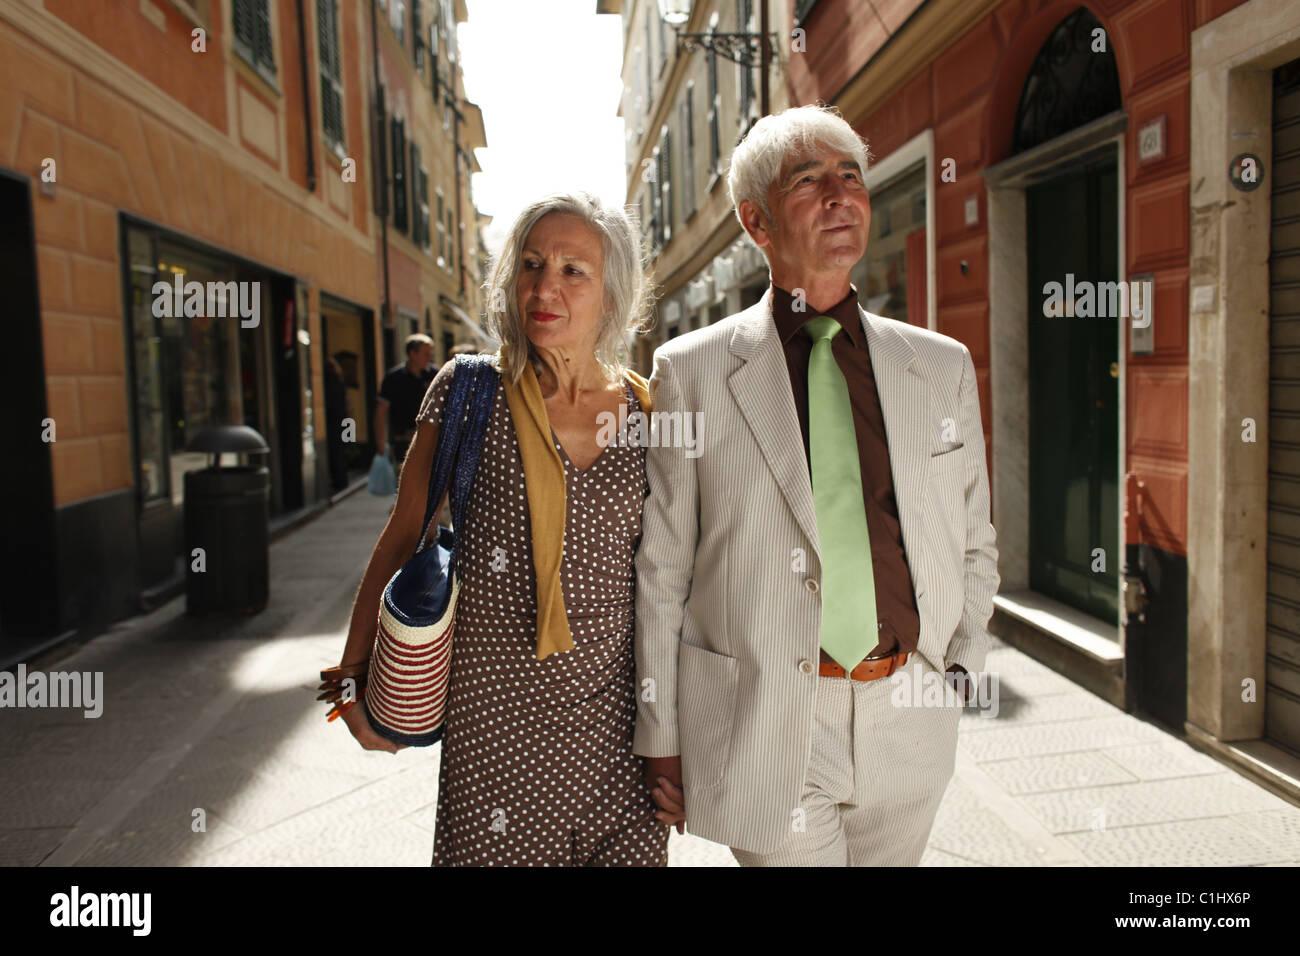 Senior couple strolling through town, Italy - Stock Image